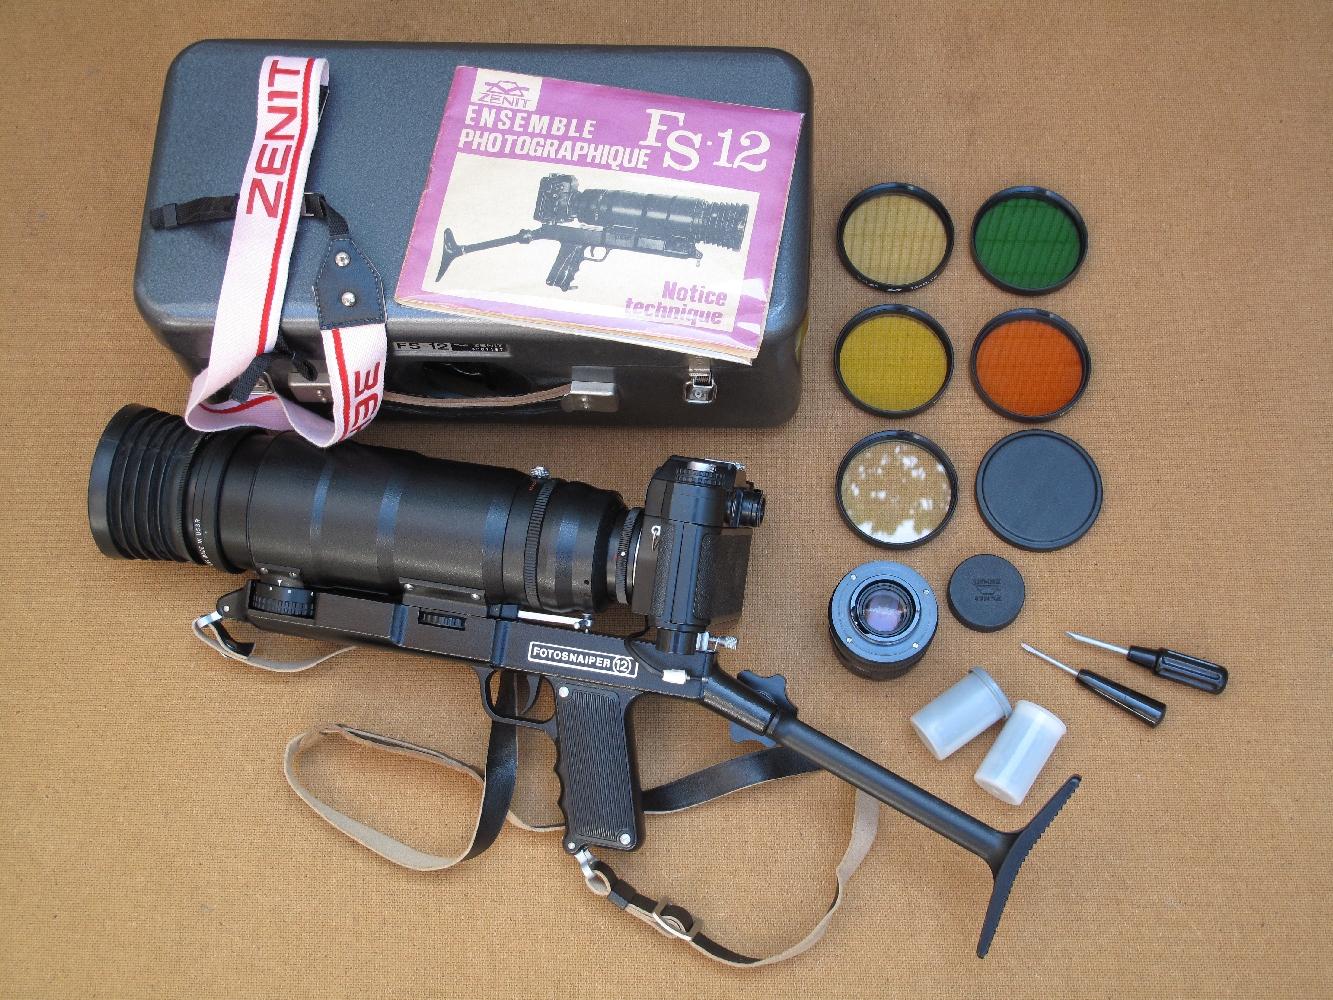 Le kit se compose d'un boîtier reflex « Zenit 12XPS », d'un fût métallique avec poignée pistolet, d'une crosse d'épaule métallique, d'un objectif standard « Helios-44M-4 » de 58 mm, d'un téléobjectif « Tair-3S » de 300 mm, d'un filtre UV, de deux filtres jaunes, d'un filtre orange, d'un filtre vert, de deux tournevis et deux pellicules photo format 24 x 36.